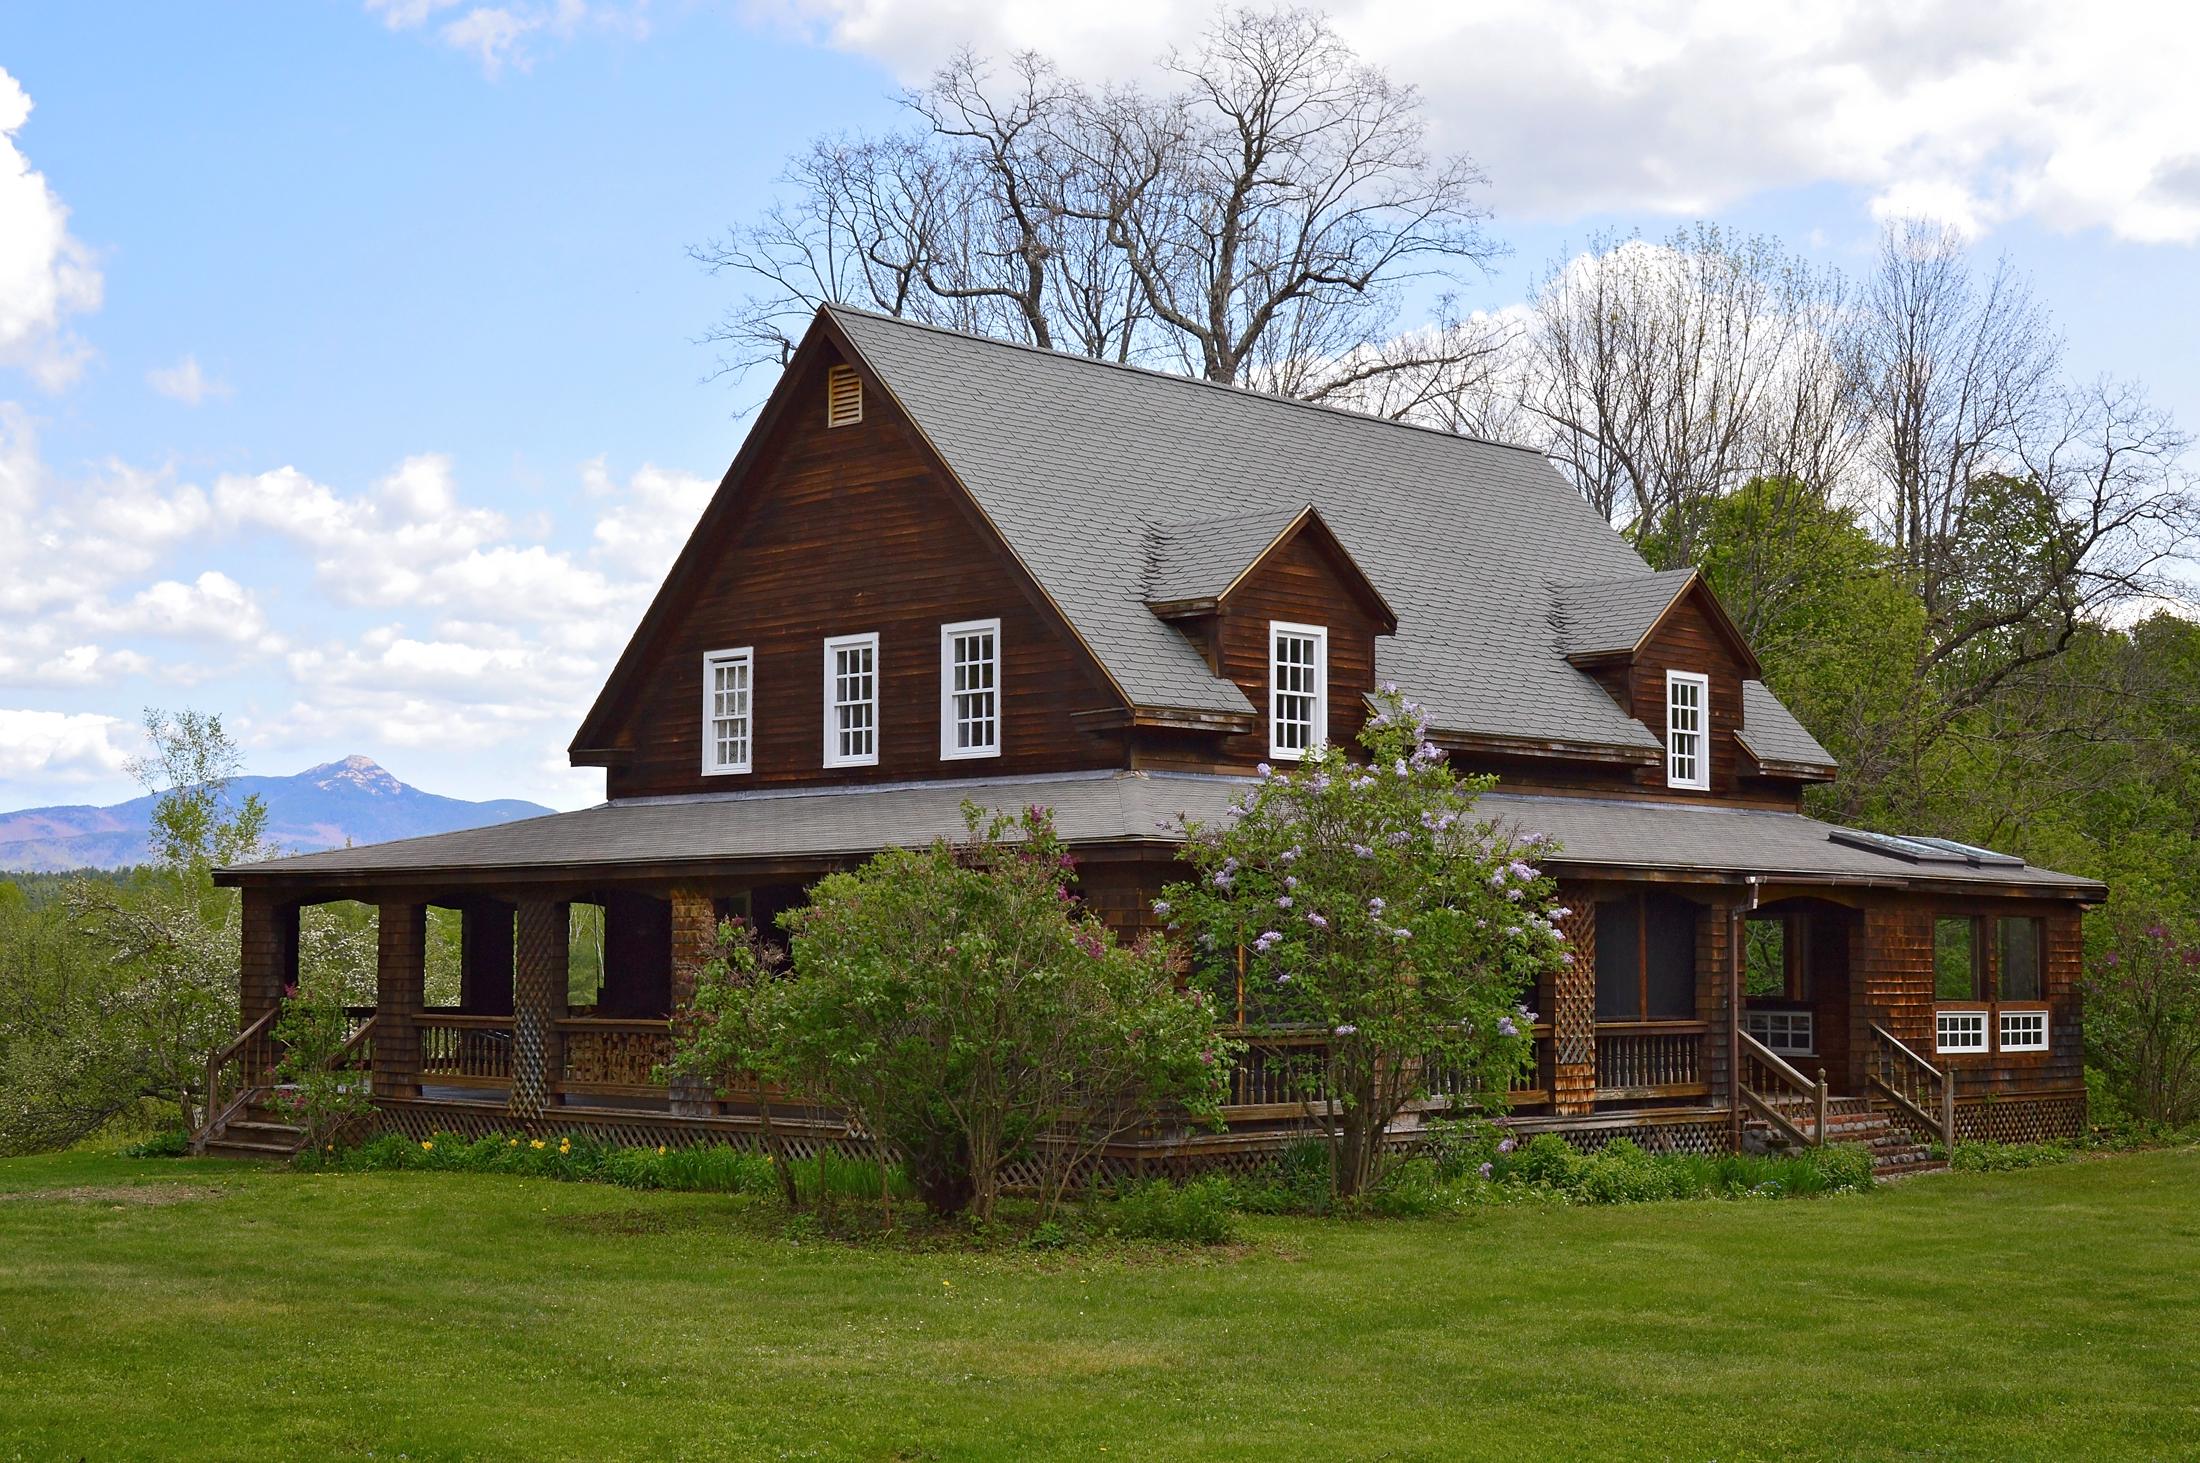 Maison unifamiliale pour l Vente à Peaceful Cleveland Hill Retreat 2248 Cleveland Hill Rd Tamworth, New Hampshire, 03886 États-Unis